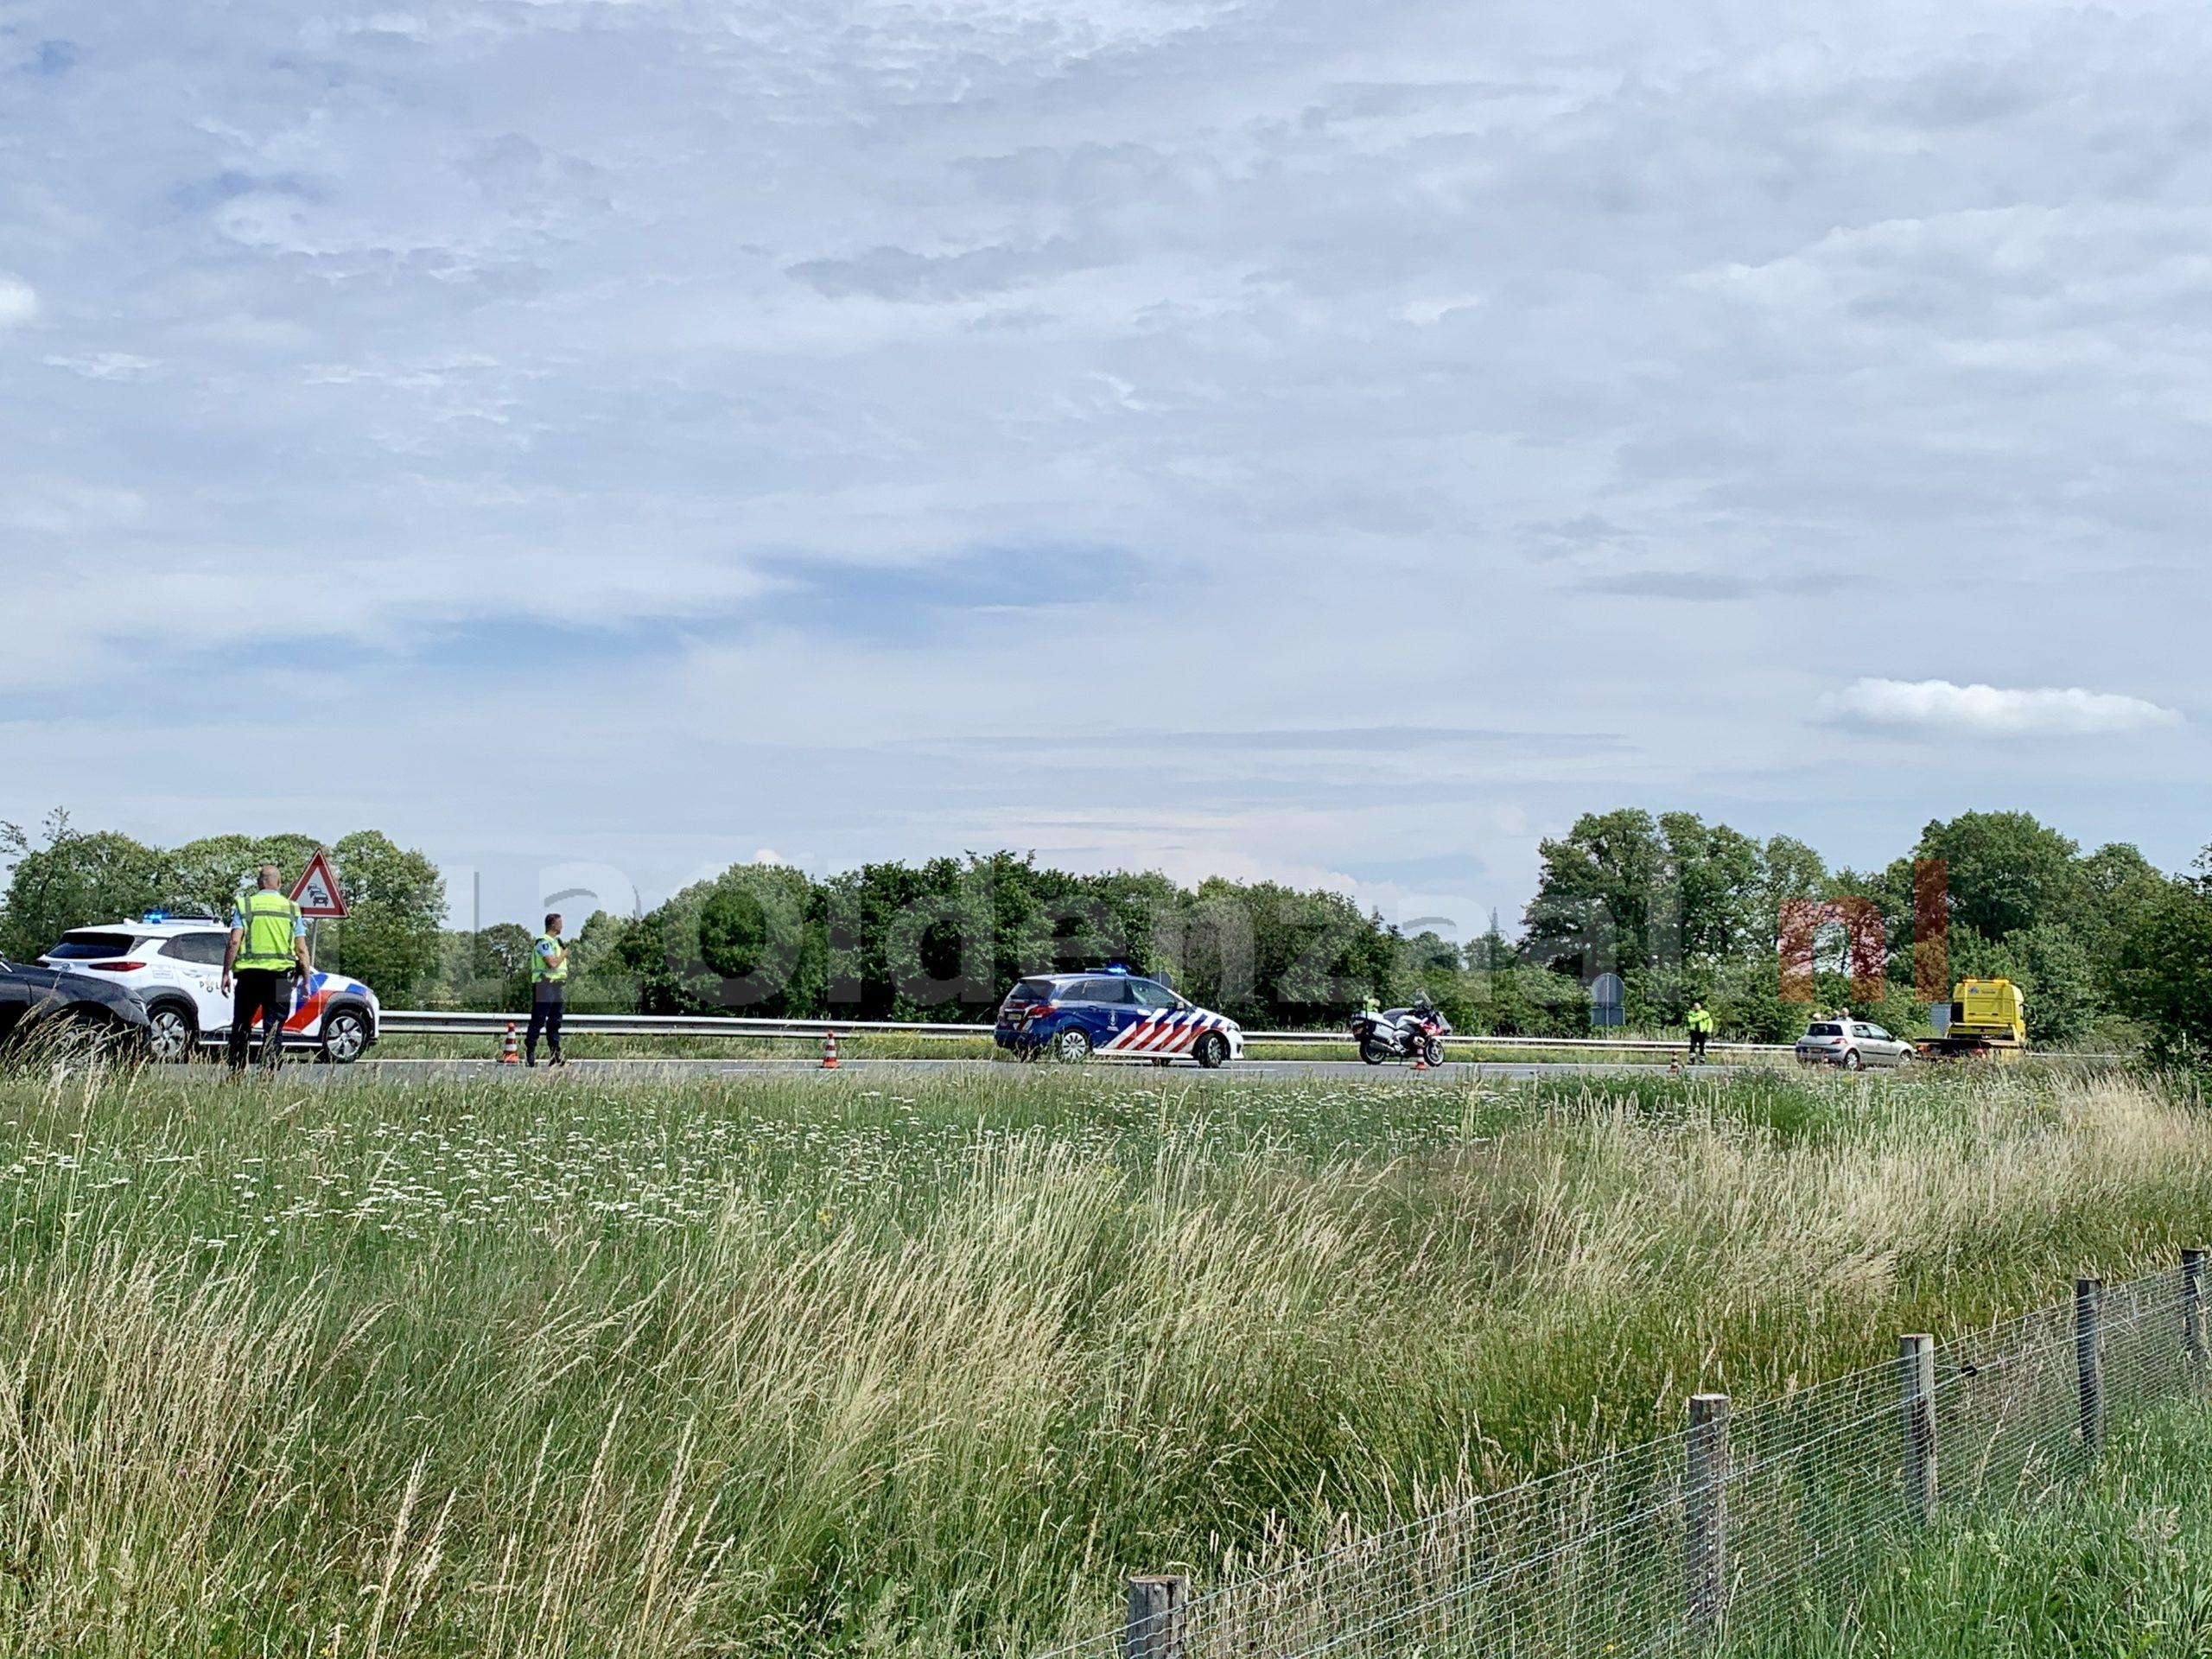 Ongeval veroorzaakte vertraging op A1 tussen Hengelo en Oldenzaal